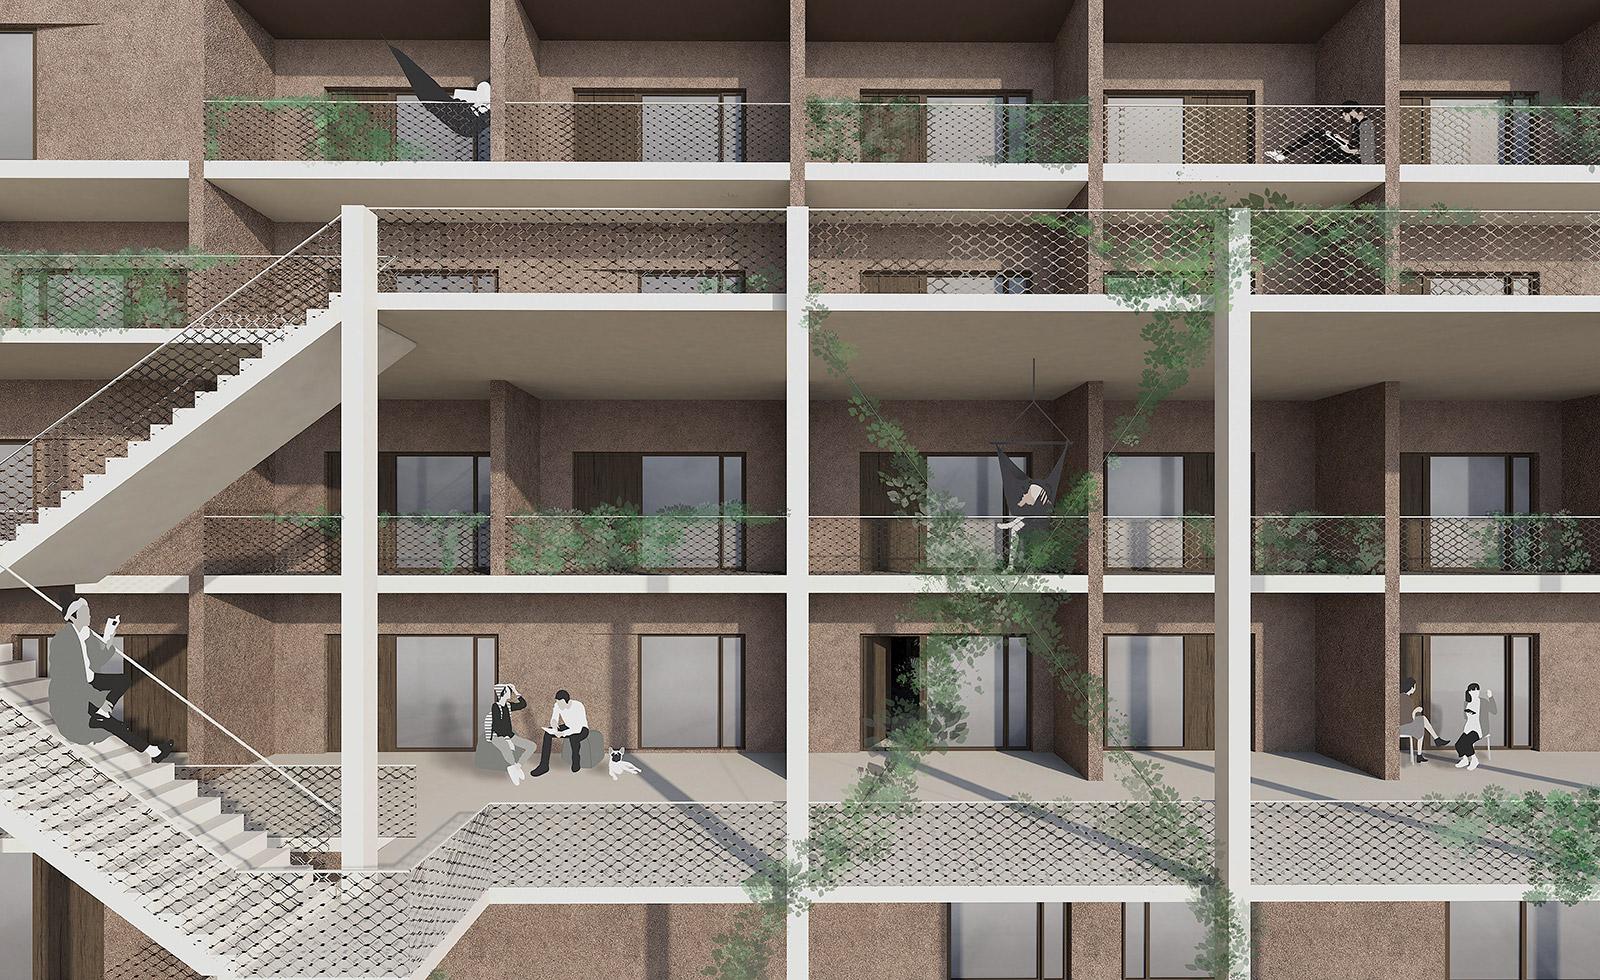 Eindhoven – Trappenhuis